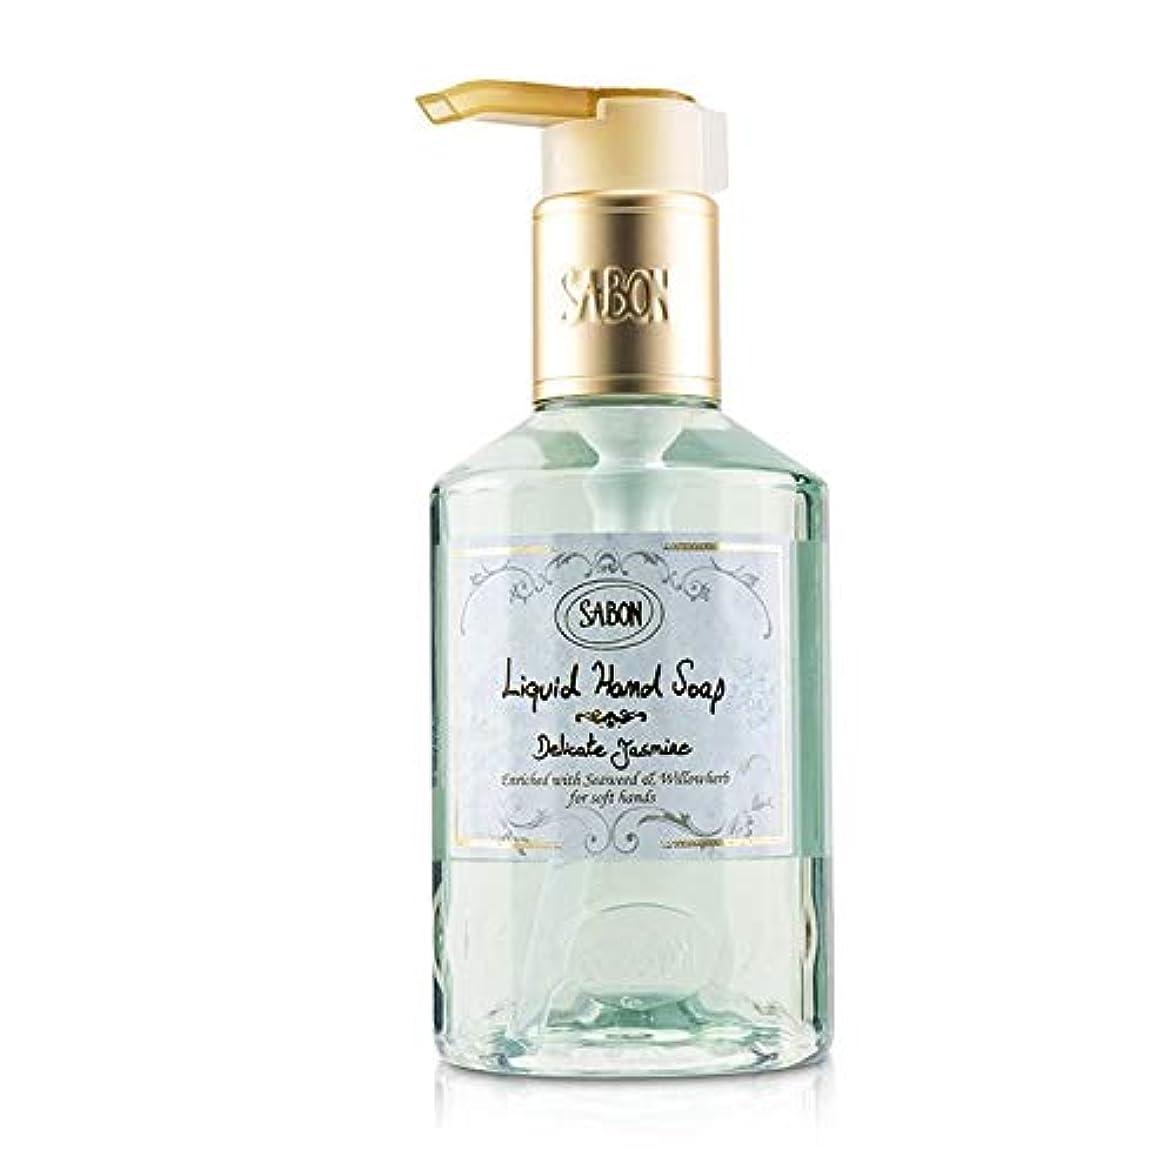 系譜イブニング宿泊サボン Liquid Hand Soap - Delicate Jasmine 200ml/7oz並行輸入品